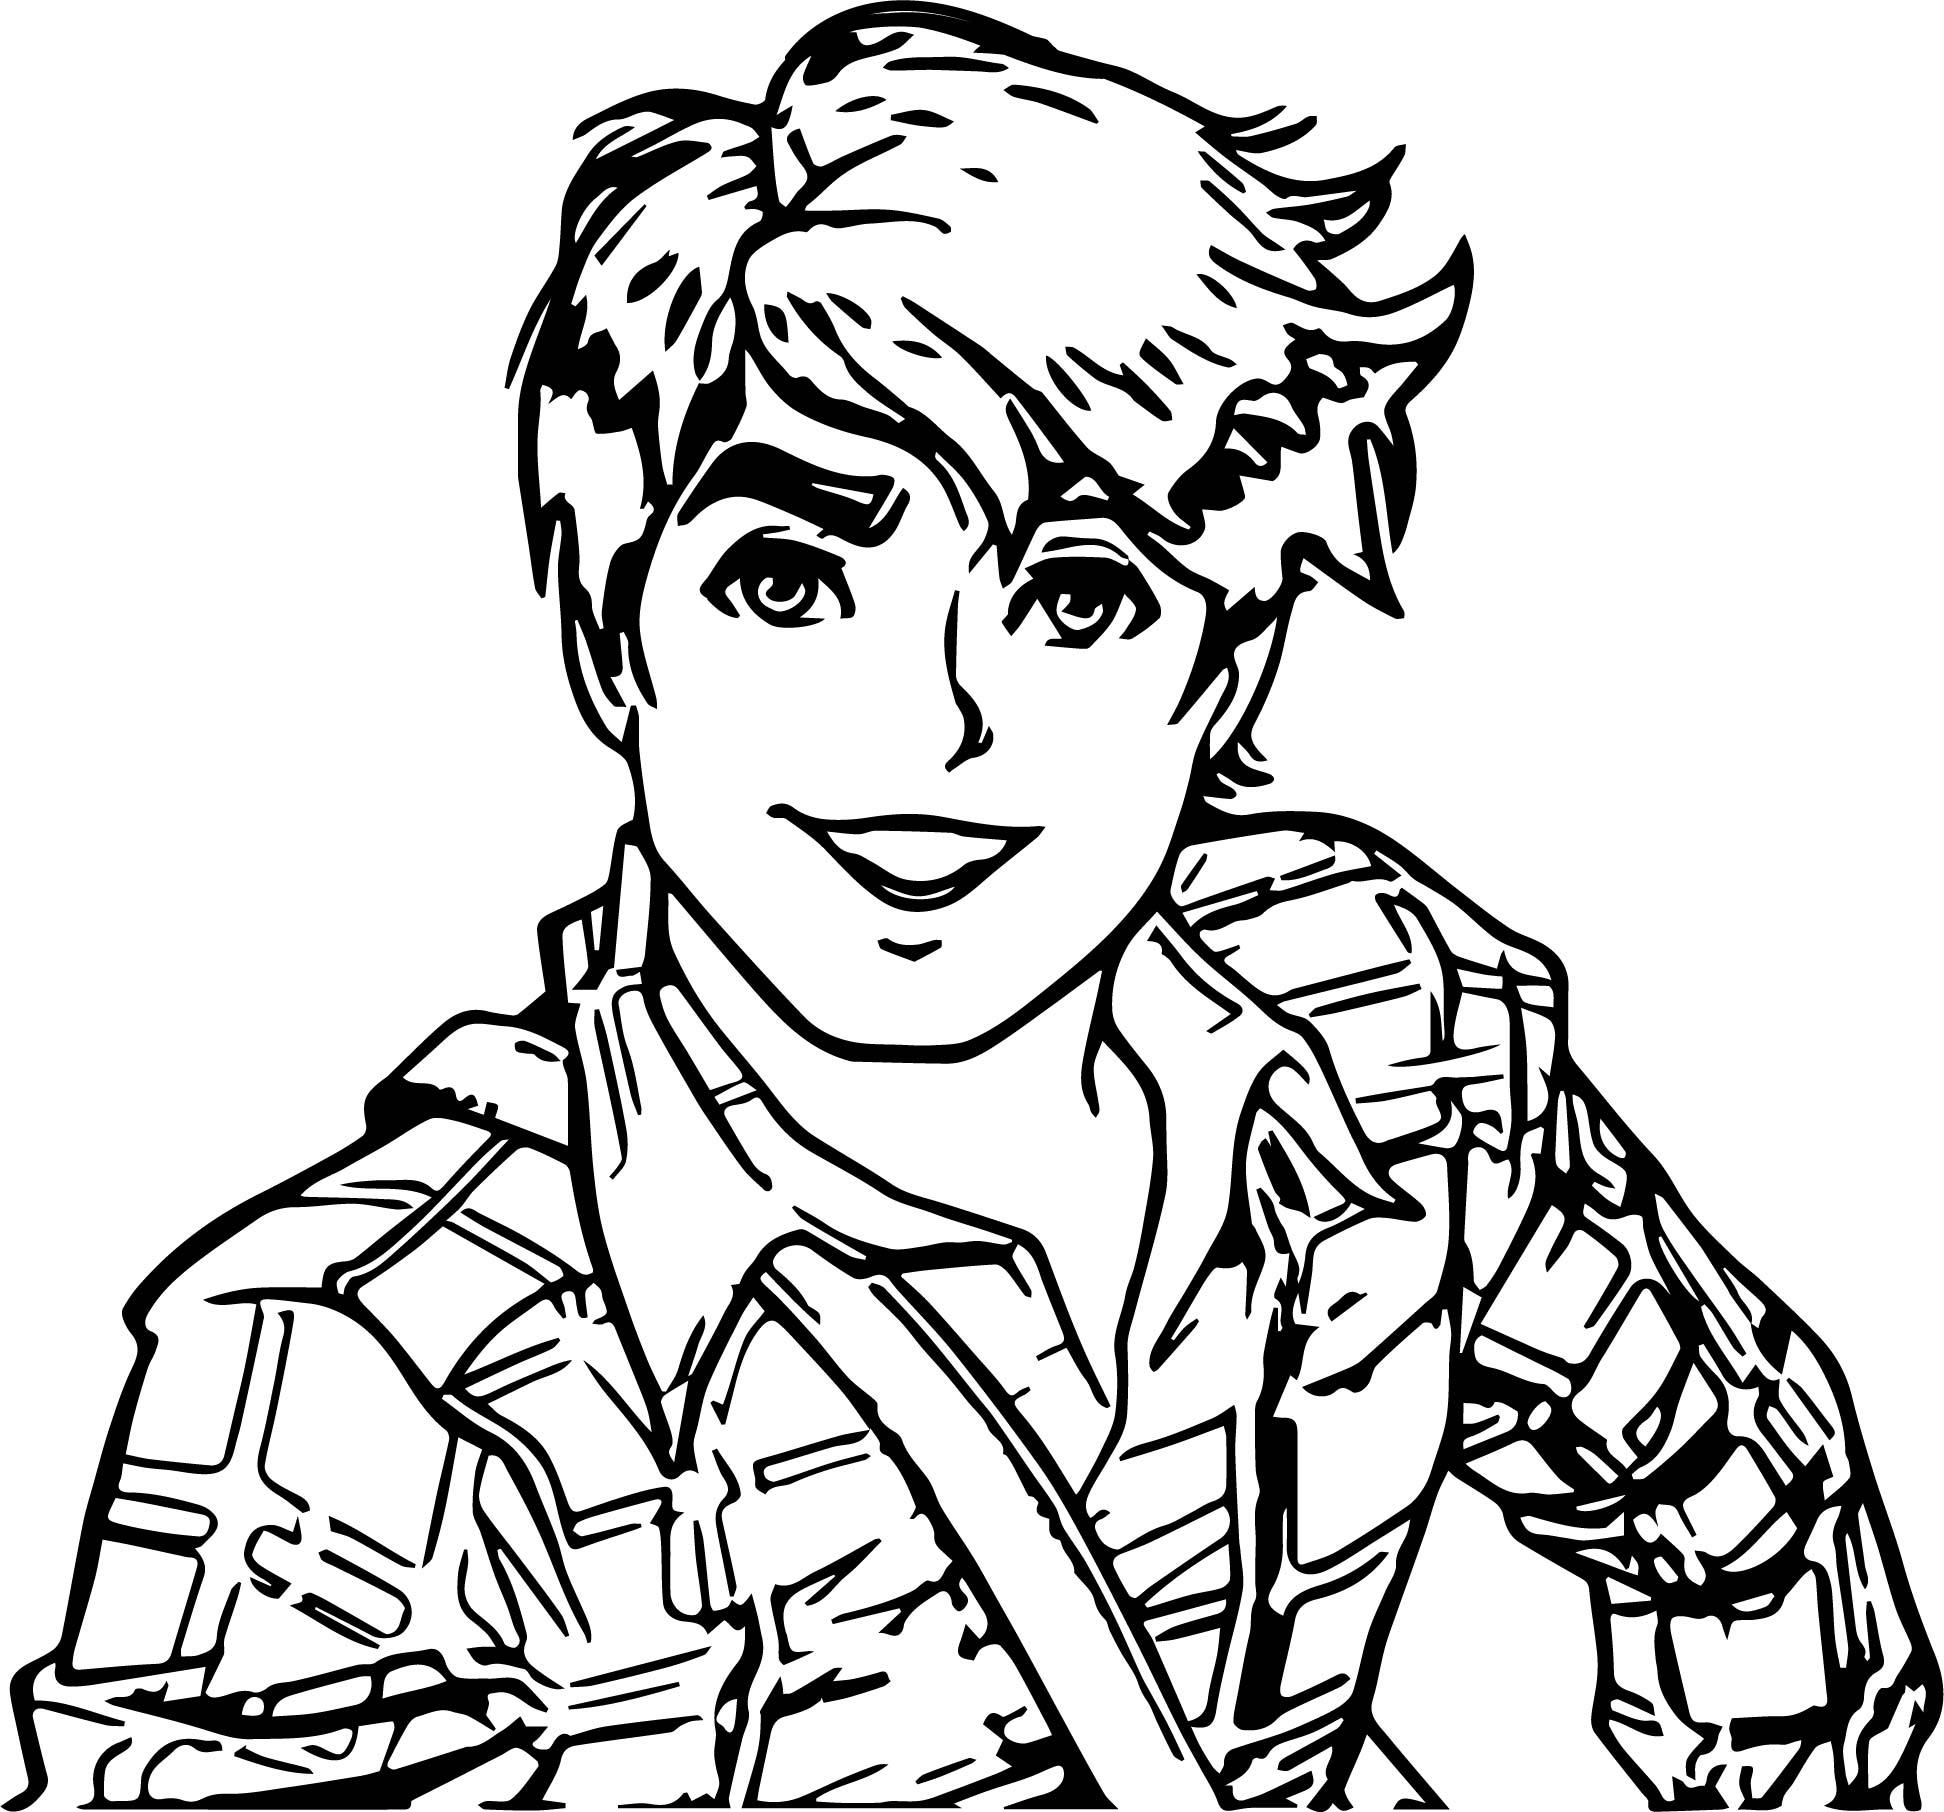 Chico Interna Boy Coloring Page